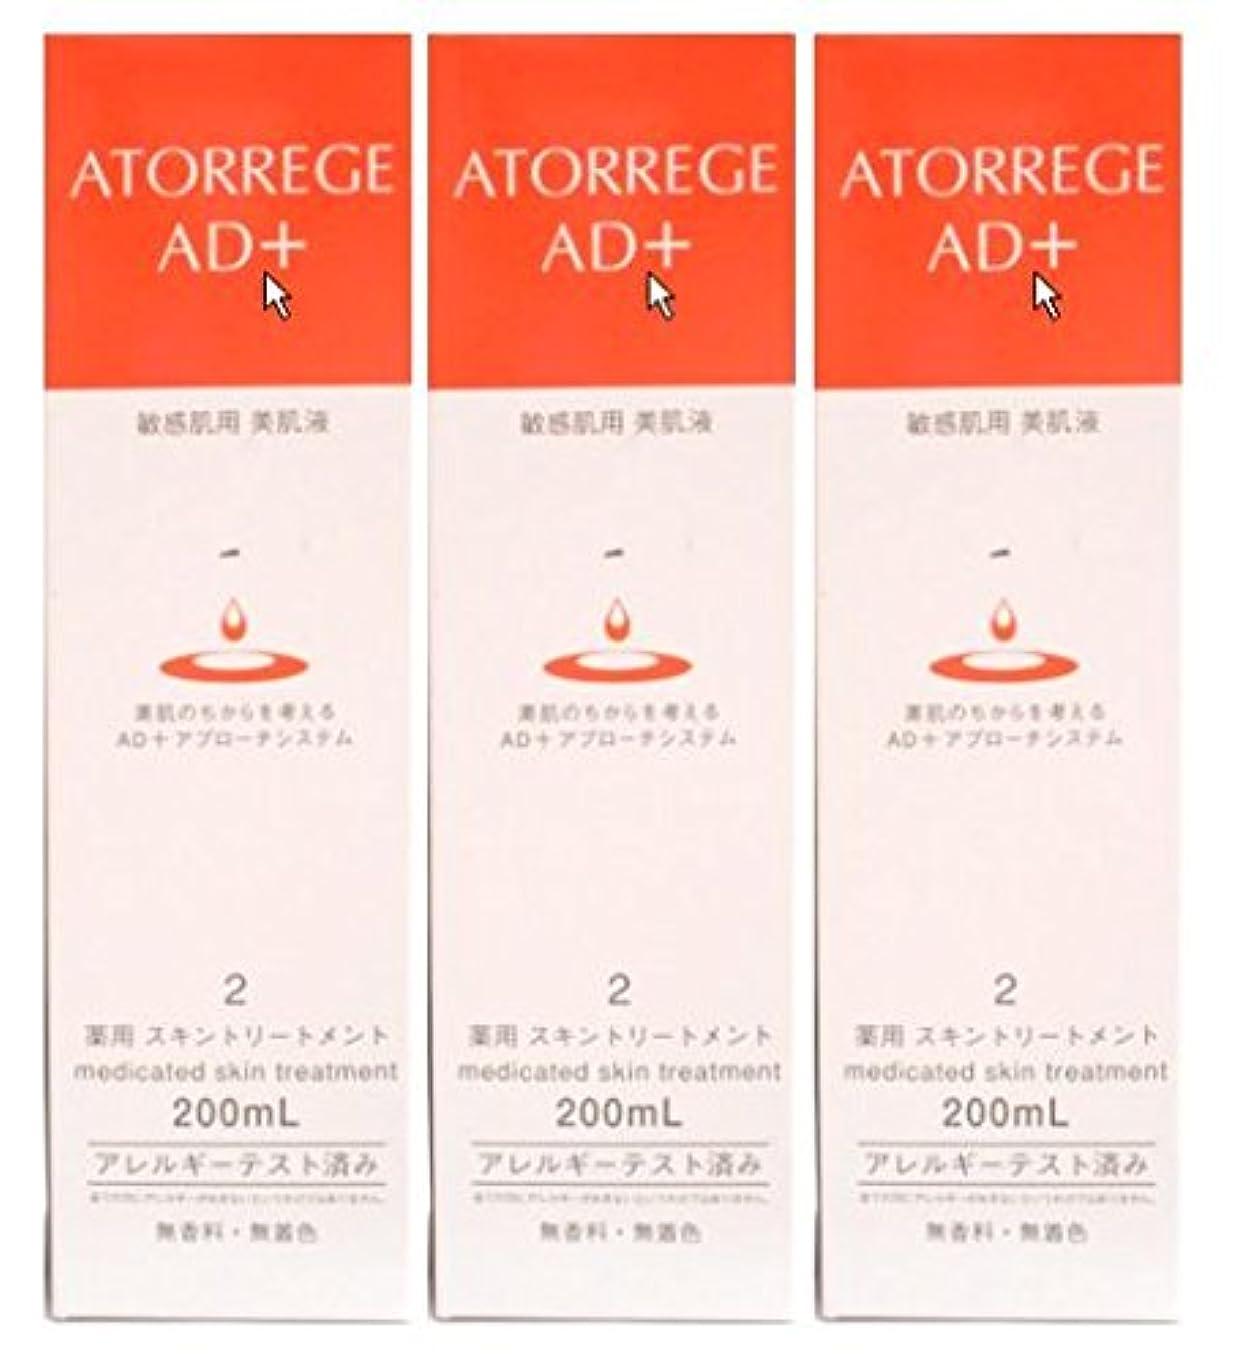 傾くセールスマンテロ(お買い得3本セット)アトレージュ AD+薬用スキントリートメント 200ml(敏感肌用化粧水)(医薬部外品)